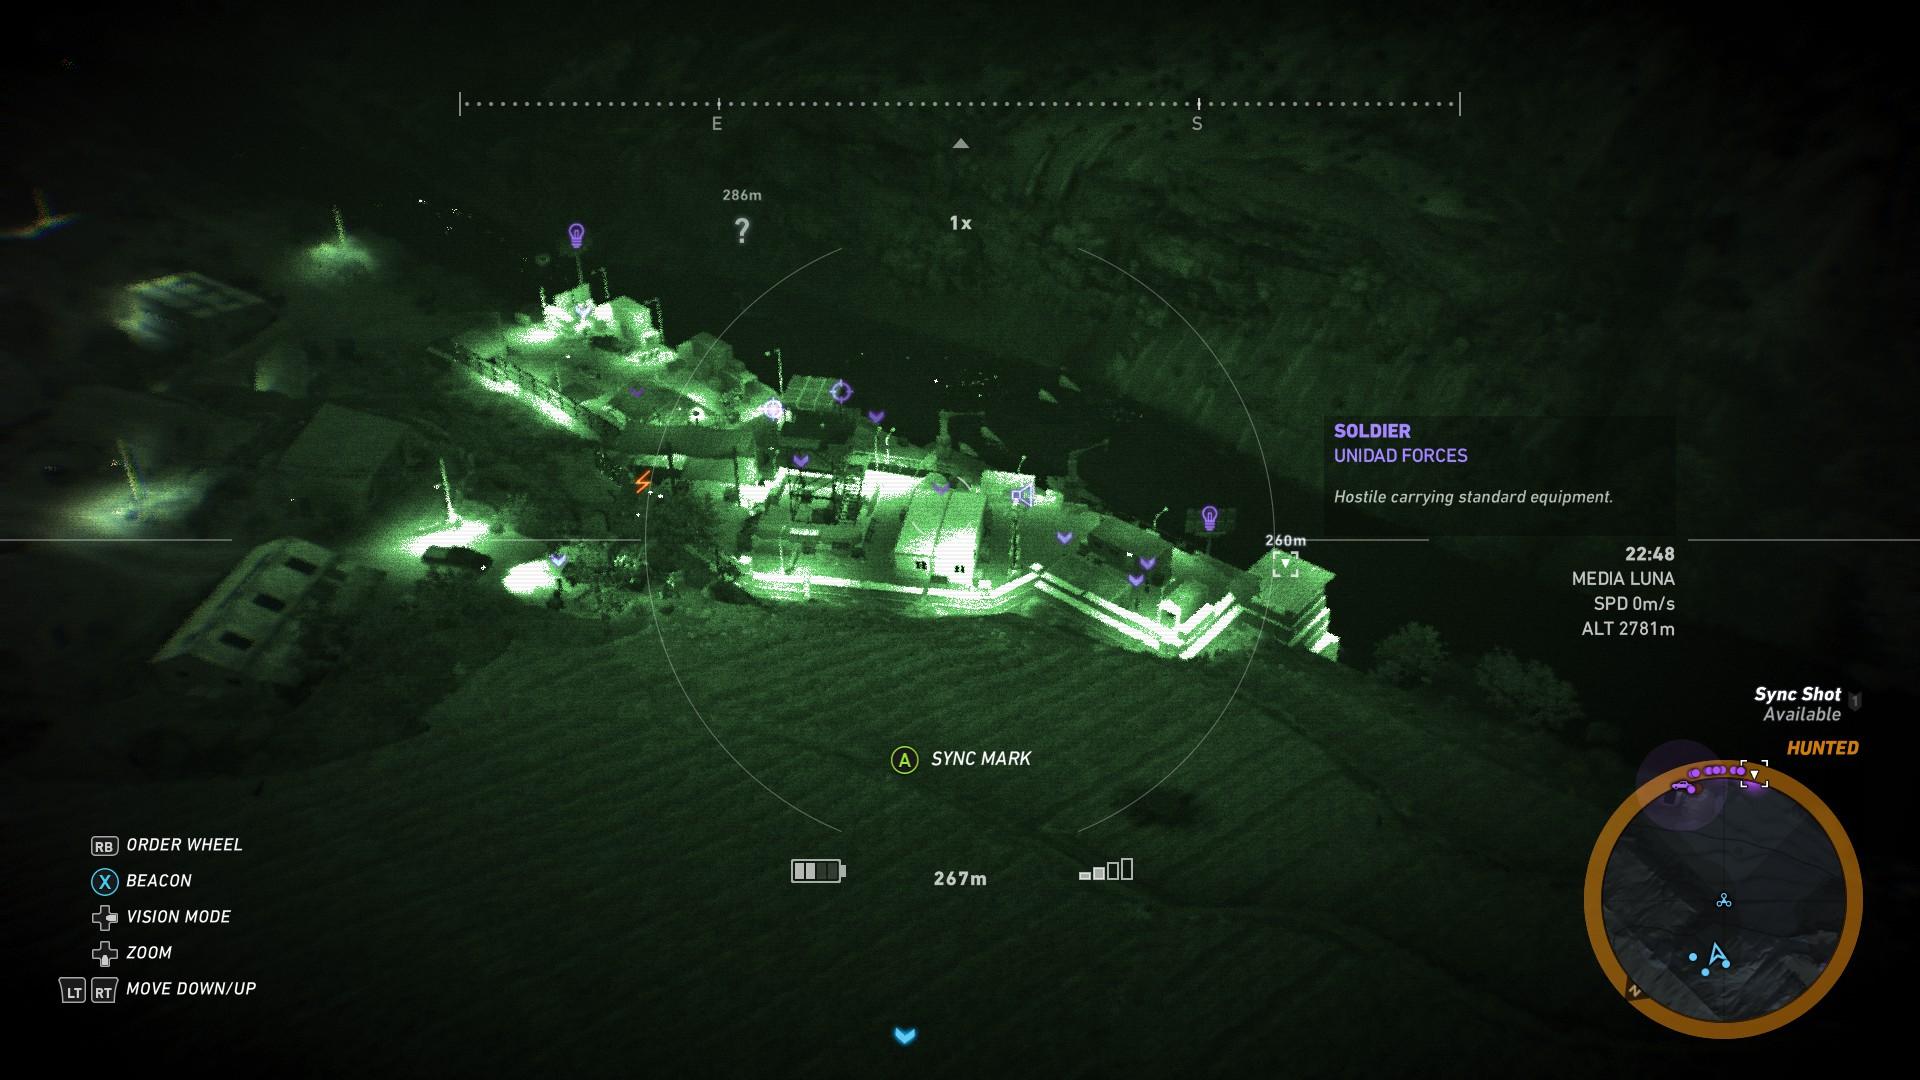 Drone recon image - ACR location in Ghost Recon Wildlands